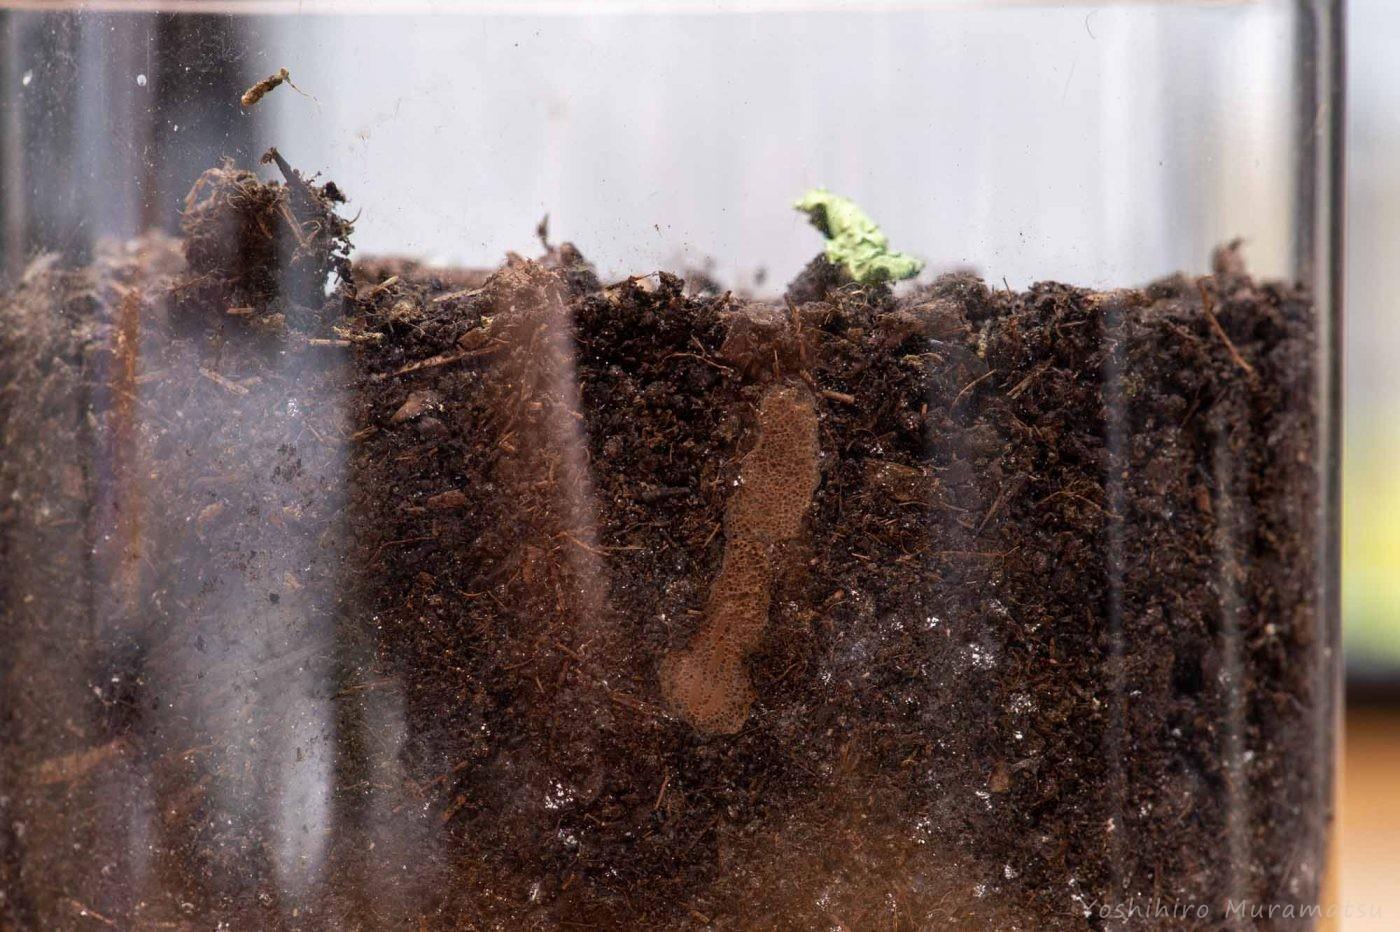 アカハネオンブバッタの卵の画像